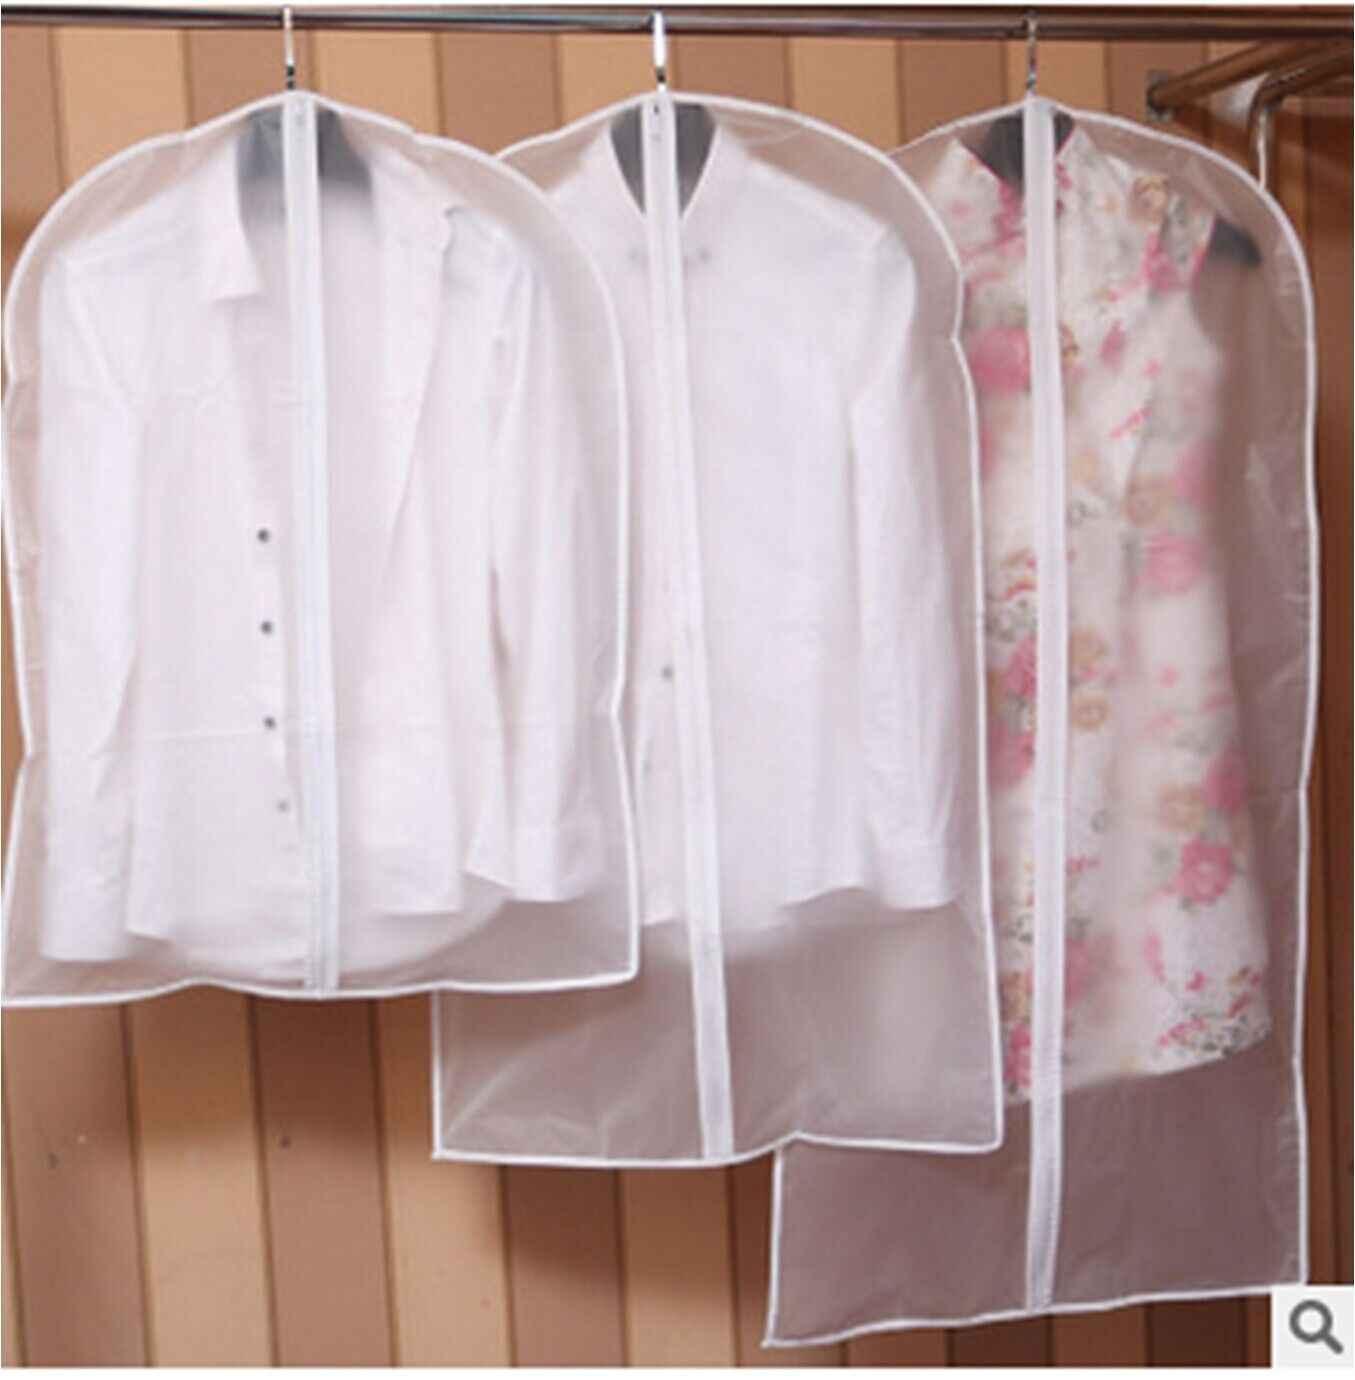 จำกัด 100 1Pcs เสื้อผ้าฝุ่นหน้าแรกกระเป๋าสำหรับเสื้อผ้าชุดเสื้อผ้ากระเป๋าคอนเทนเนอร์เก็บ